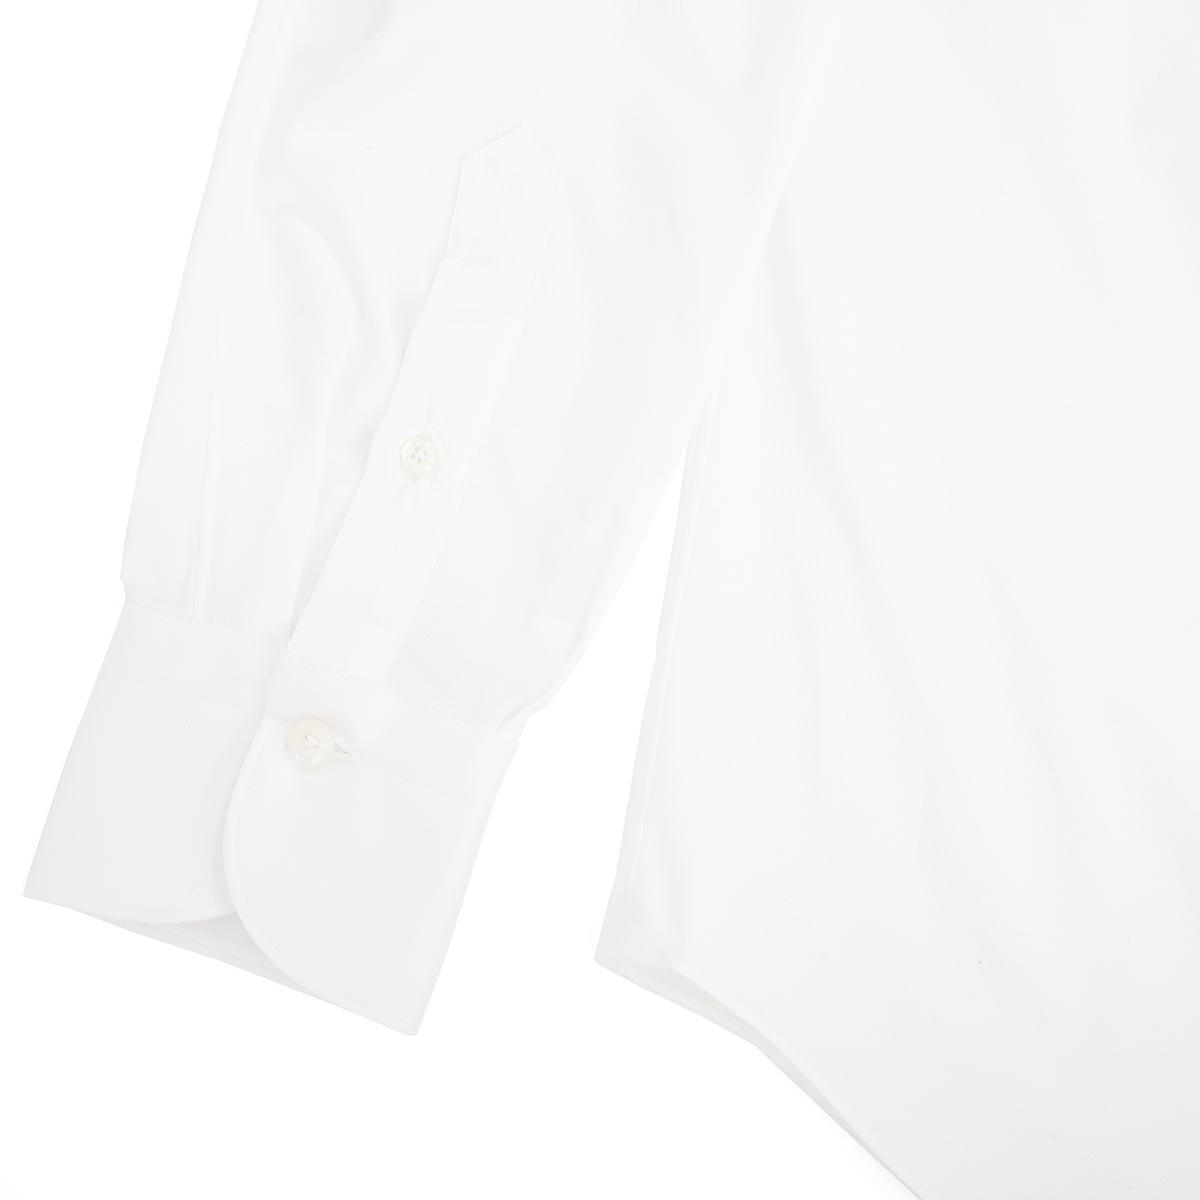 【タイムセール TOPS】【アウトレット】FINAMORE フィナモレ ワイドカラーシャツ/ZANTE MILANO【大きいサイズあり】 メンズ